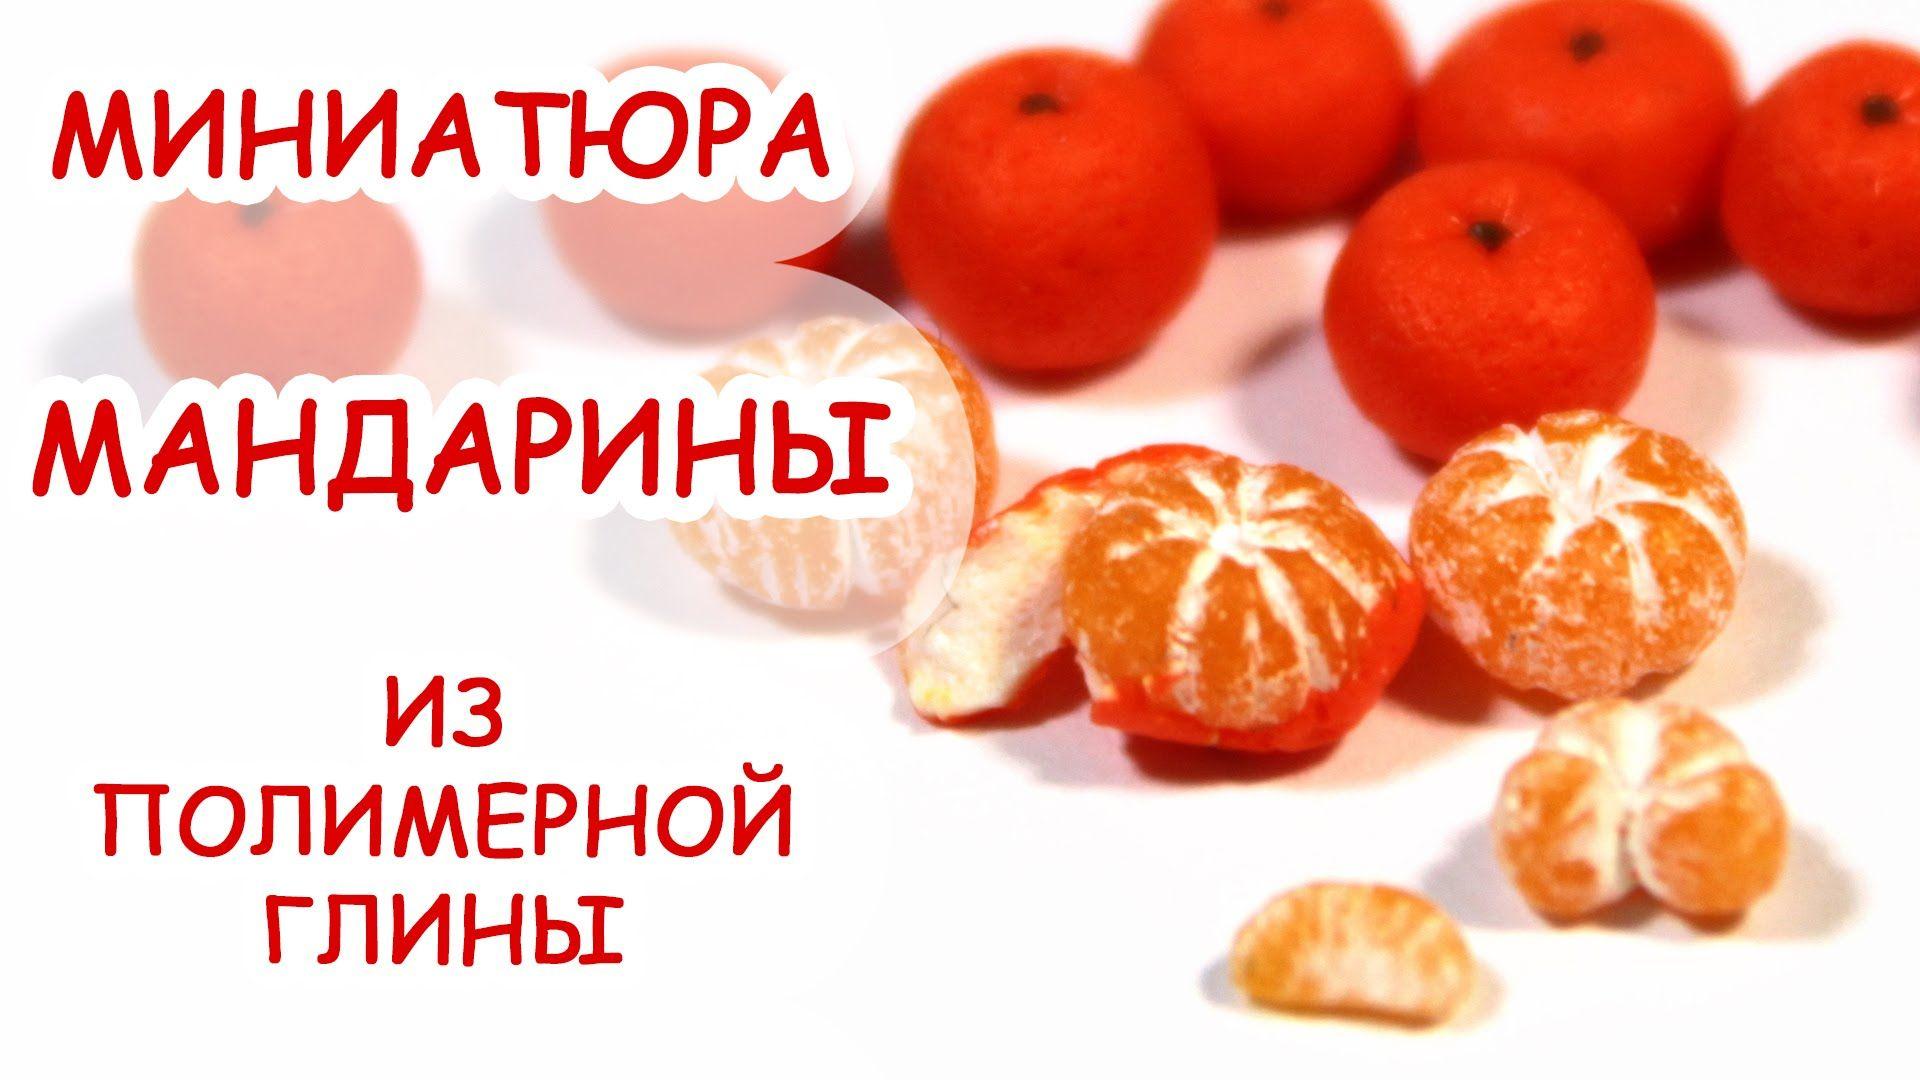 МАНДАРИНЫ ◆ МИНИАТЮРА #24 ◆ Мастер класс, полимерная глина ◆ Анна Оськина